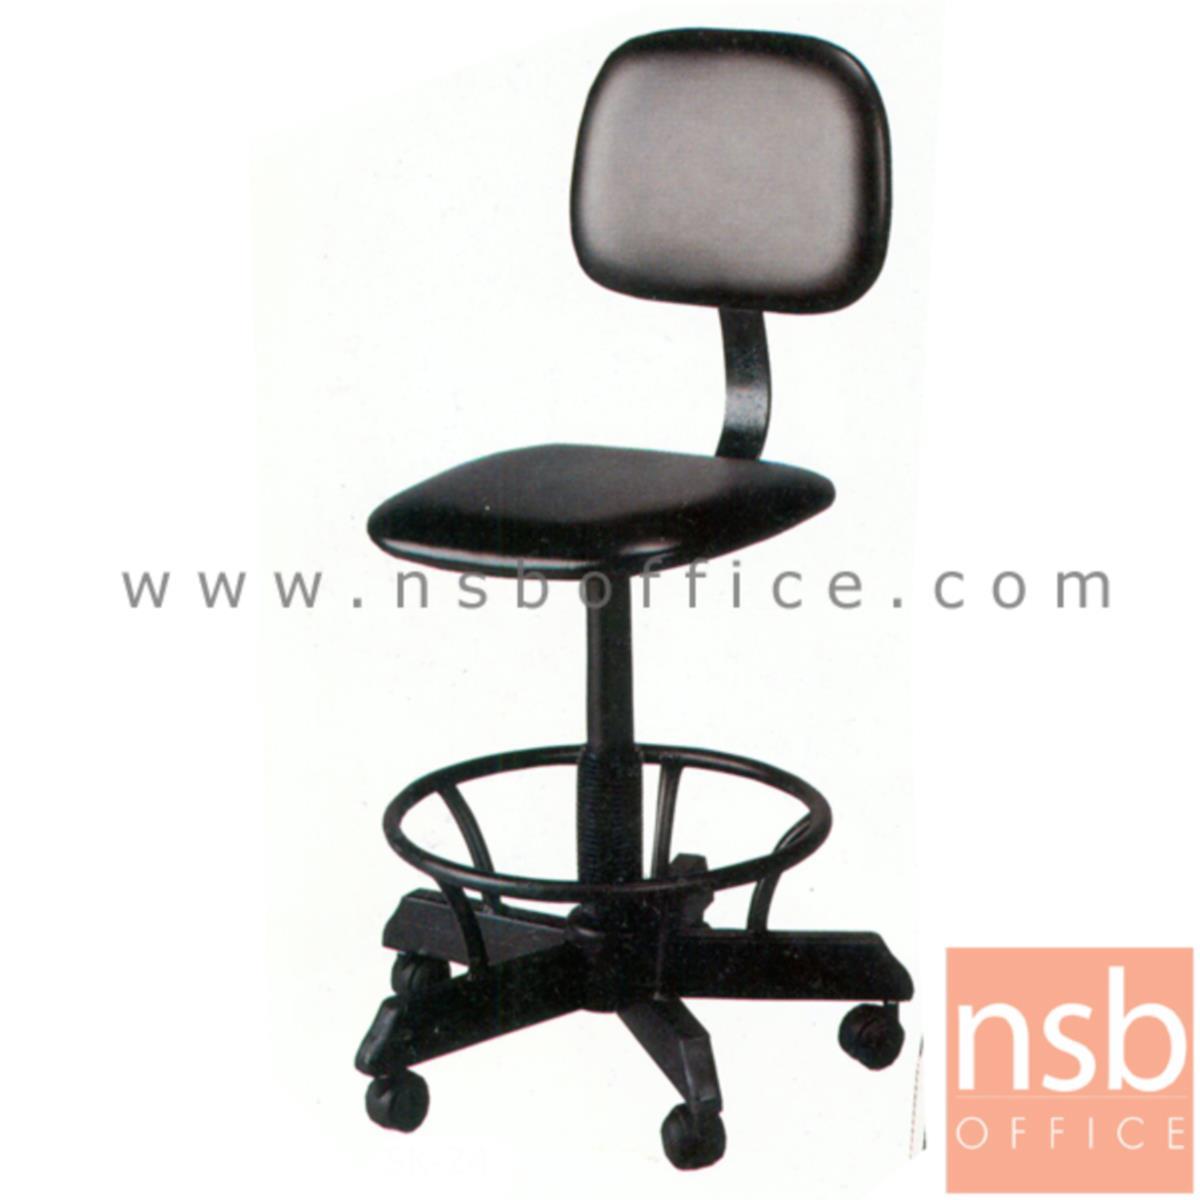 B14A024:เก้าอี้บาร์ที่นั่งเหลี่ยมล้อเลื่อน รุ่น K-42  ขาเหล็กกล่องพ่นดำ